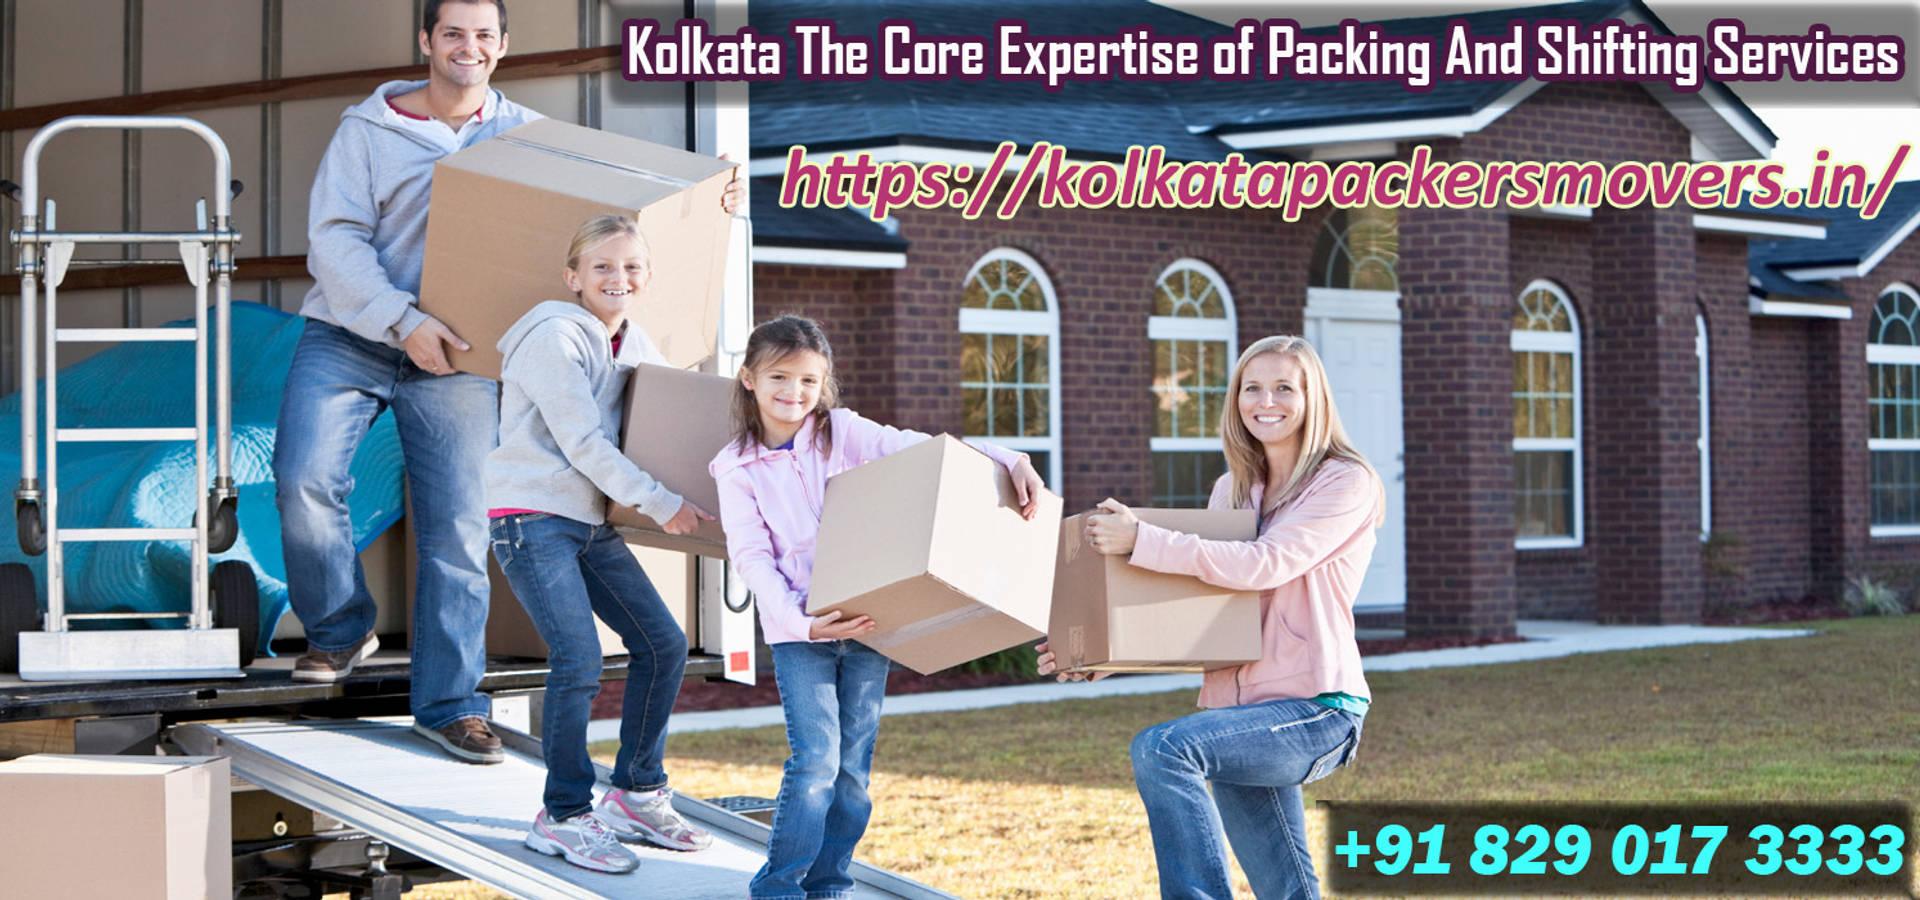 Packers And Movers Kolkata